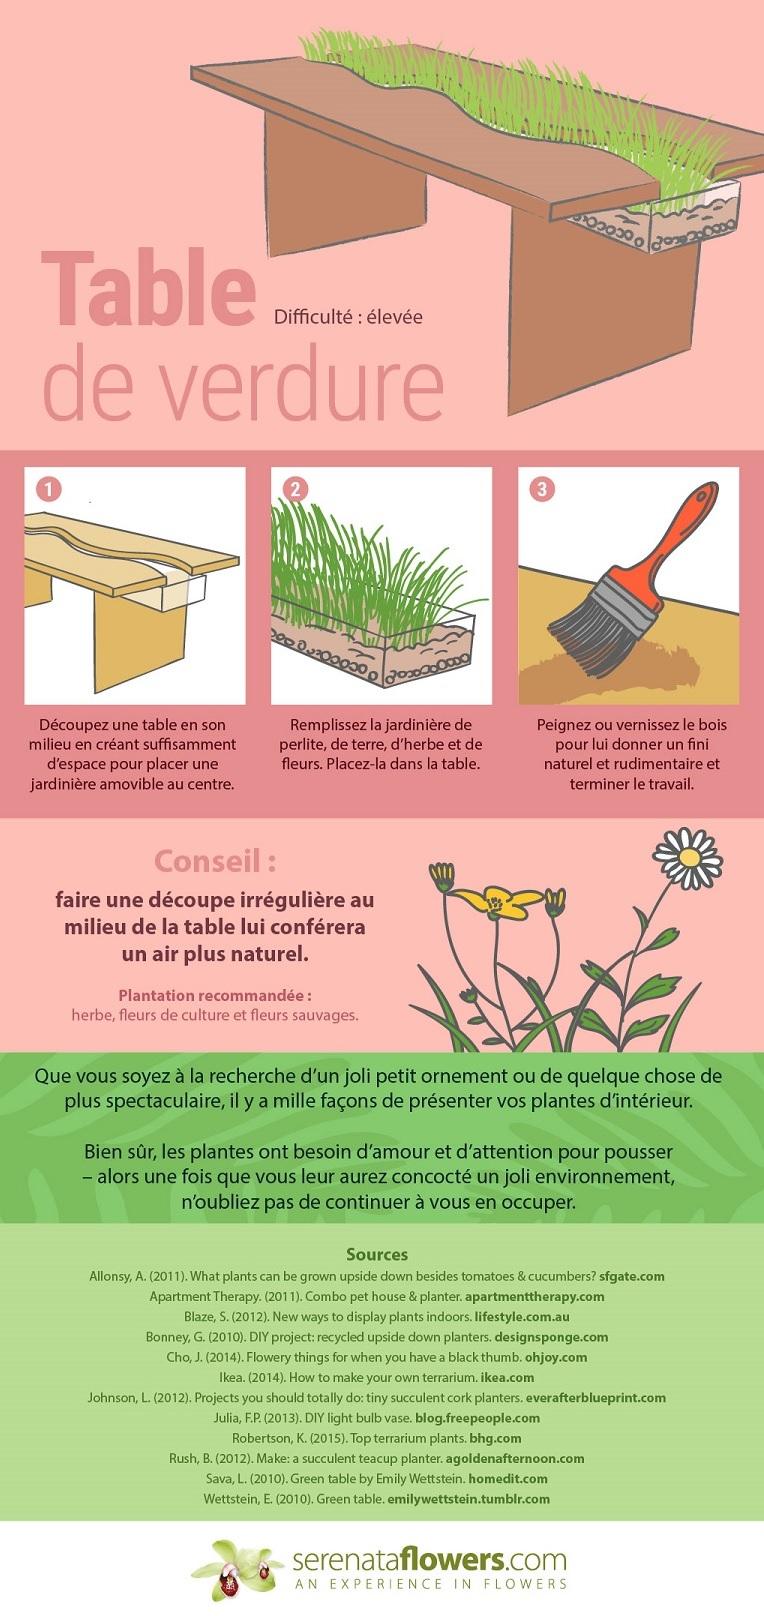 8 façons originales de présenter vos plantes d'intérieur 8